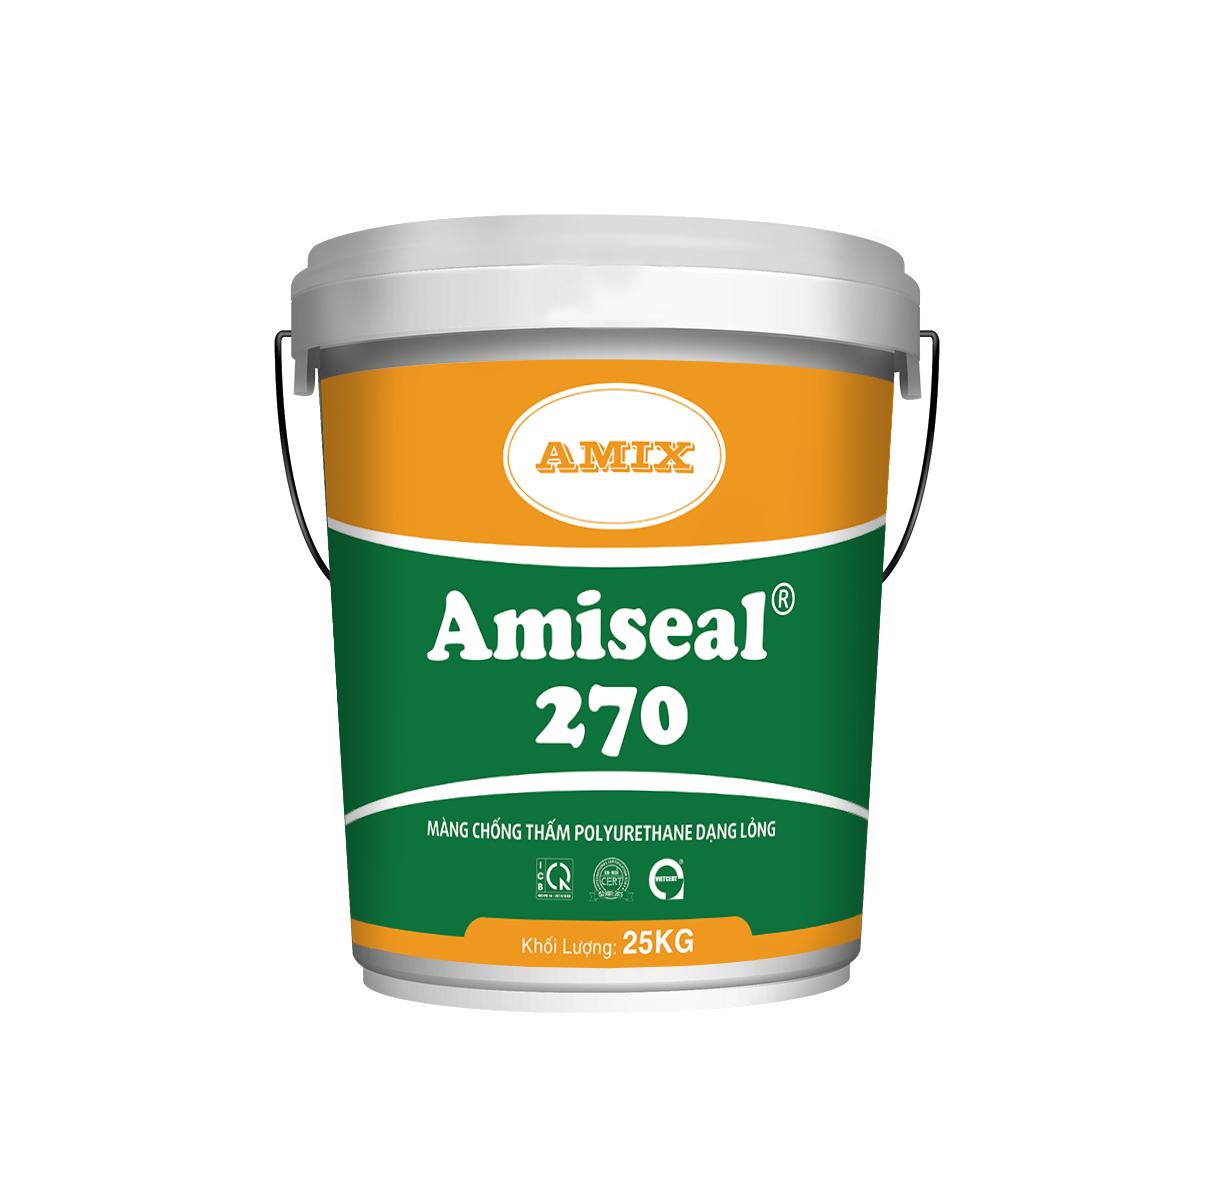 Th%C3%B9ng Amiseal 270 xanh c%C3%A2y 01 White